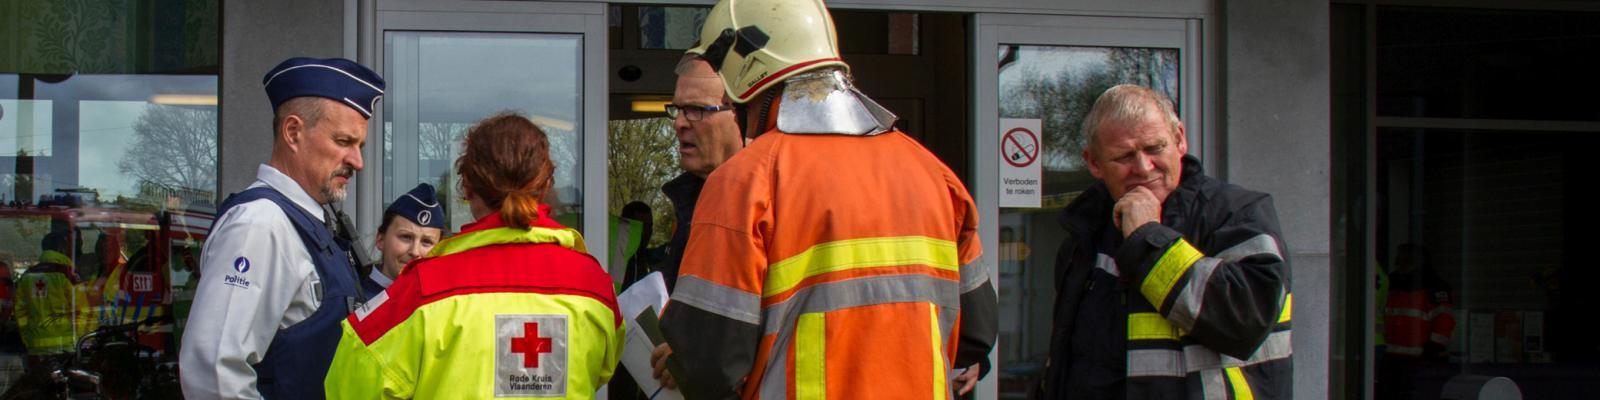 politie, ambulancier en brandweer houden overleg tijdens crisisoefening